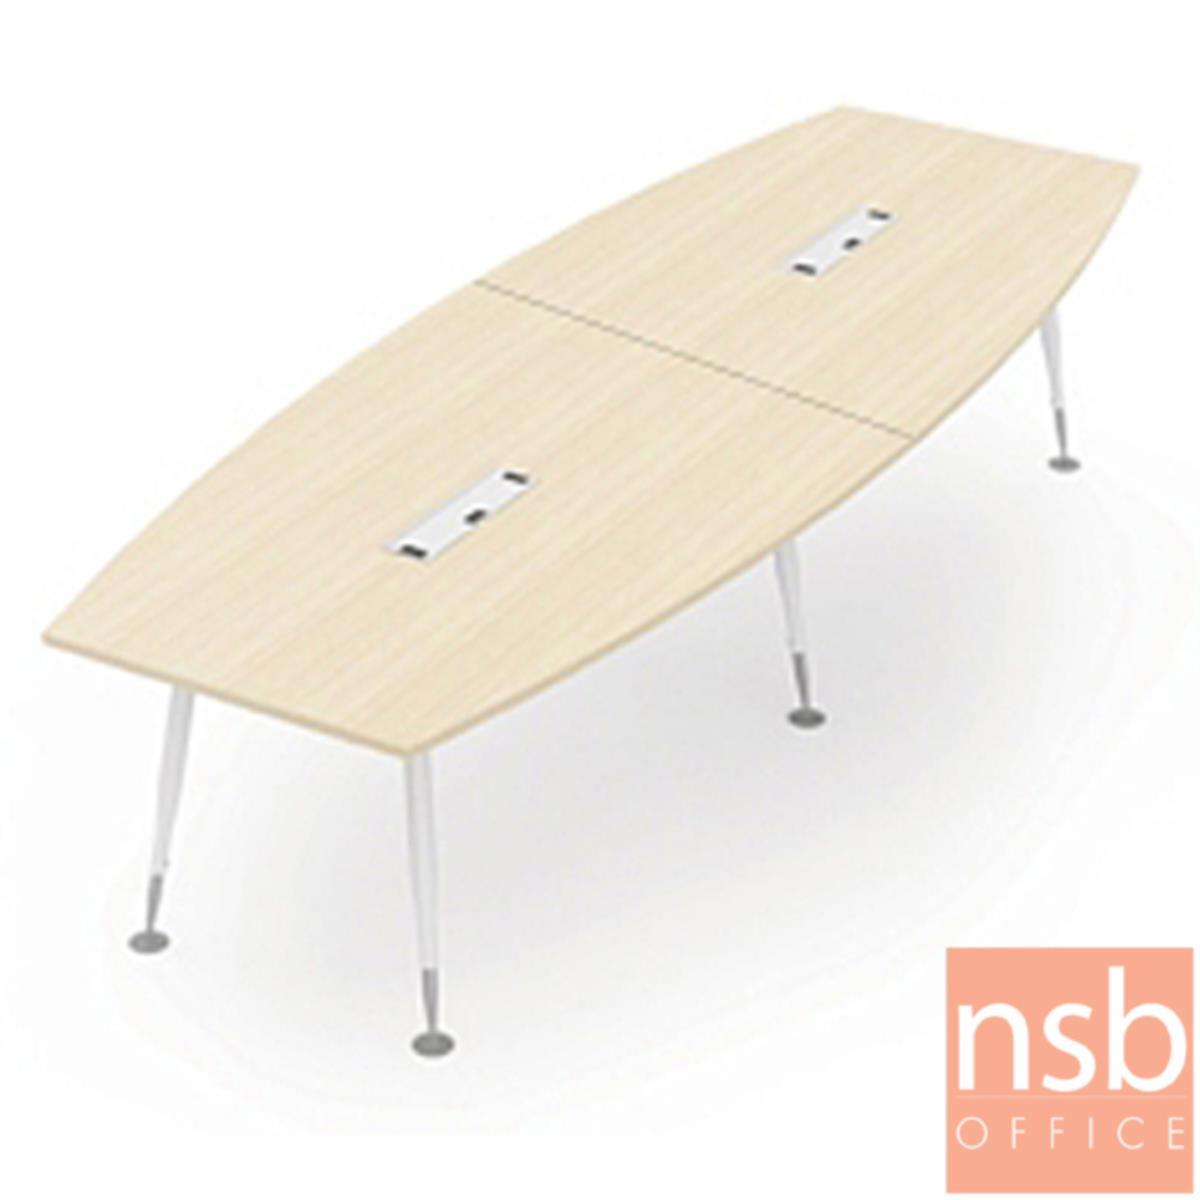 A05A182:โต๊ะประชุมทรงเรือ  ขนาด 320W cm.  พร้อมป็อบอัพ ขาเหล็ก